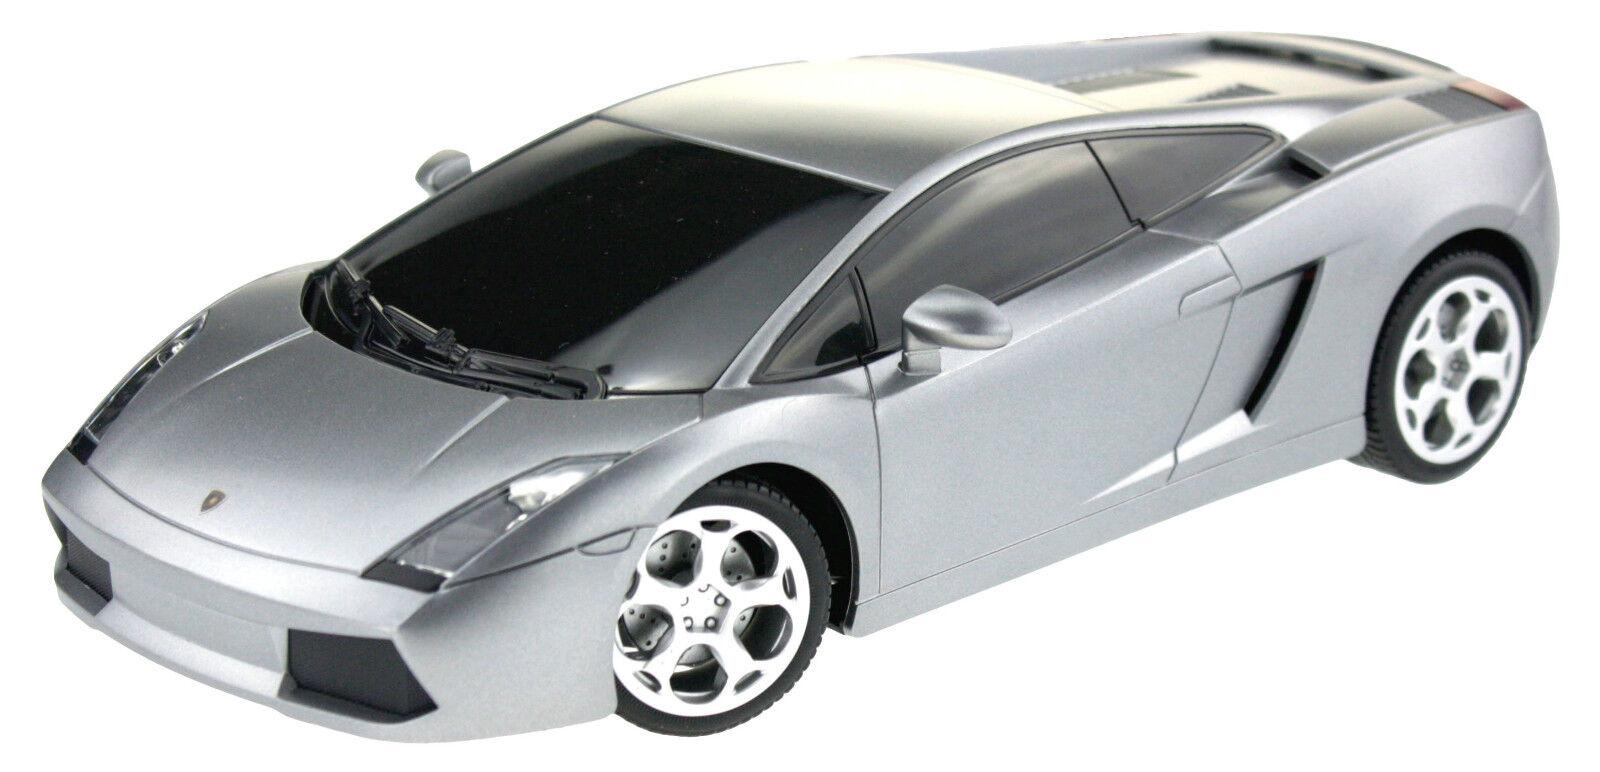 1 16 ferngesteuertes auto modellauto funk kinderspielzeug. Black Bedroom Furniture Sets. Home Design Ideas